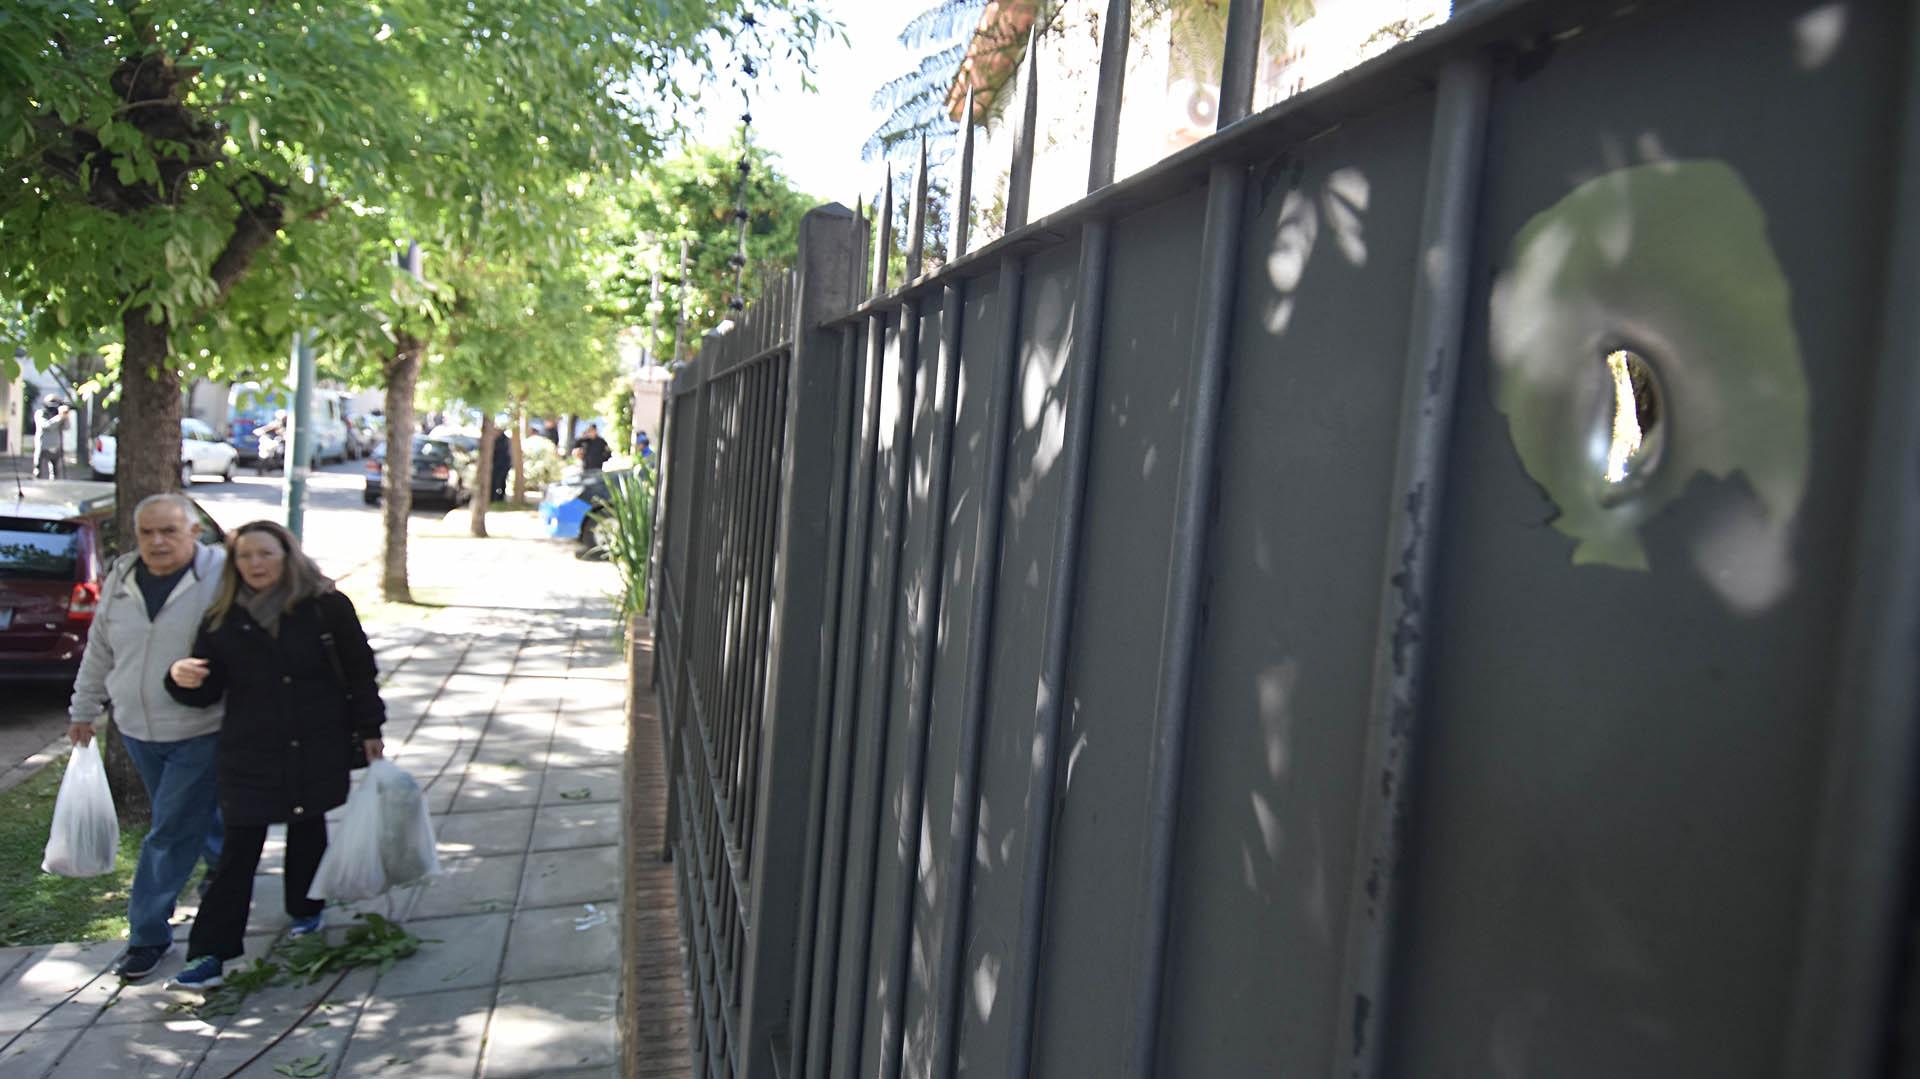 El portón fue atacado a balazos